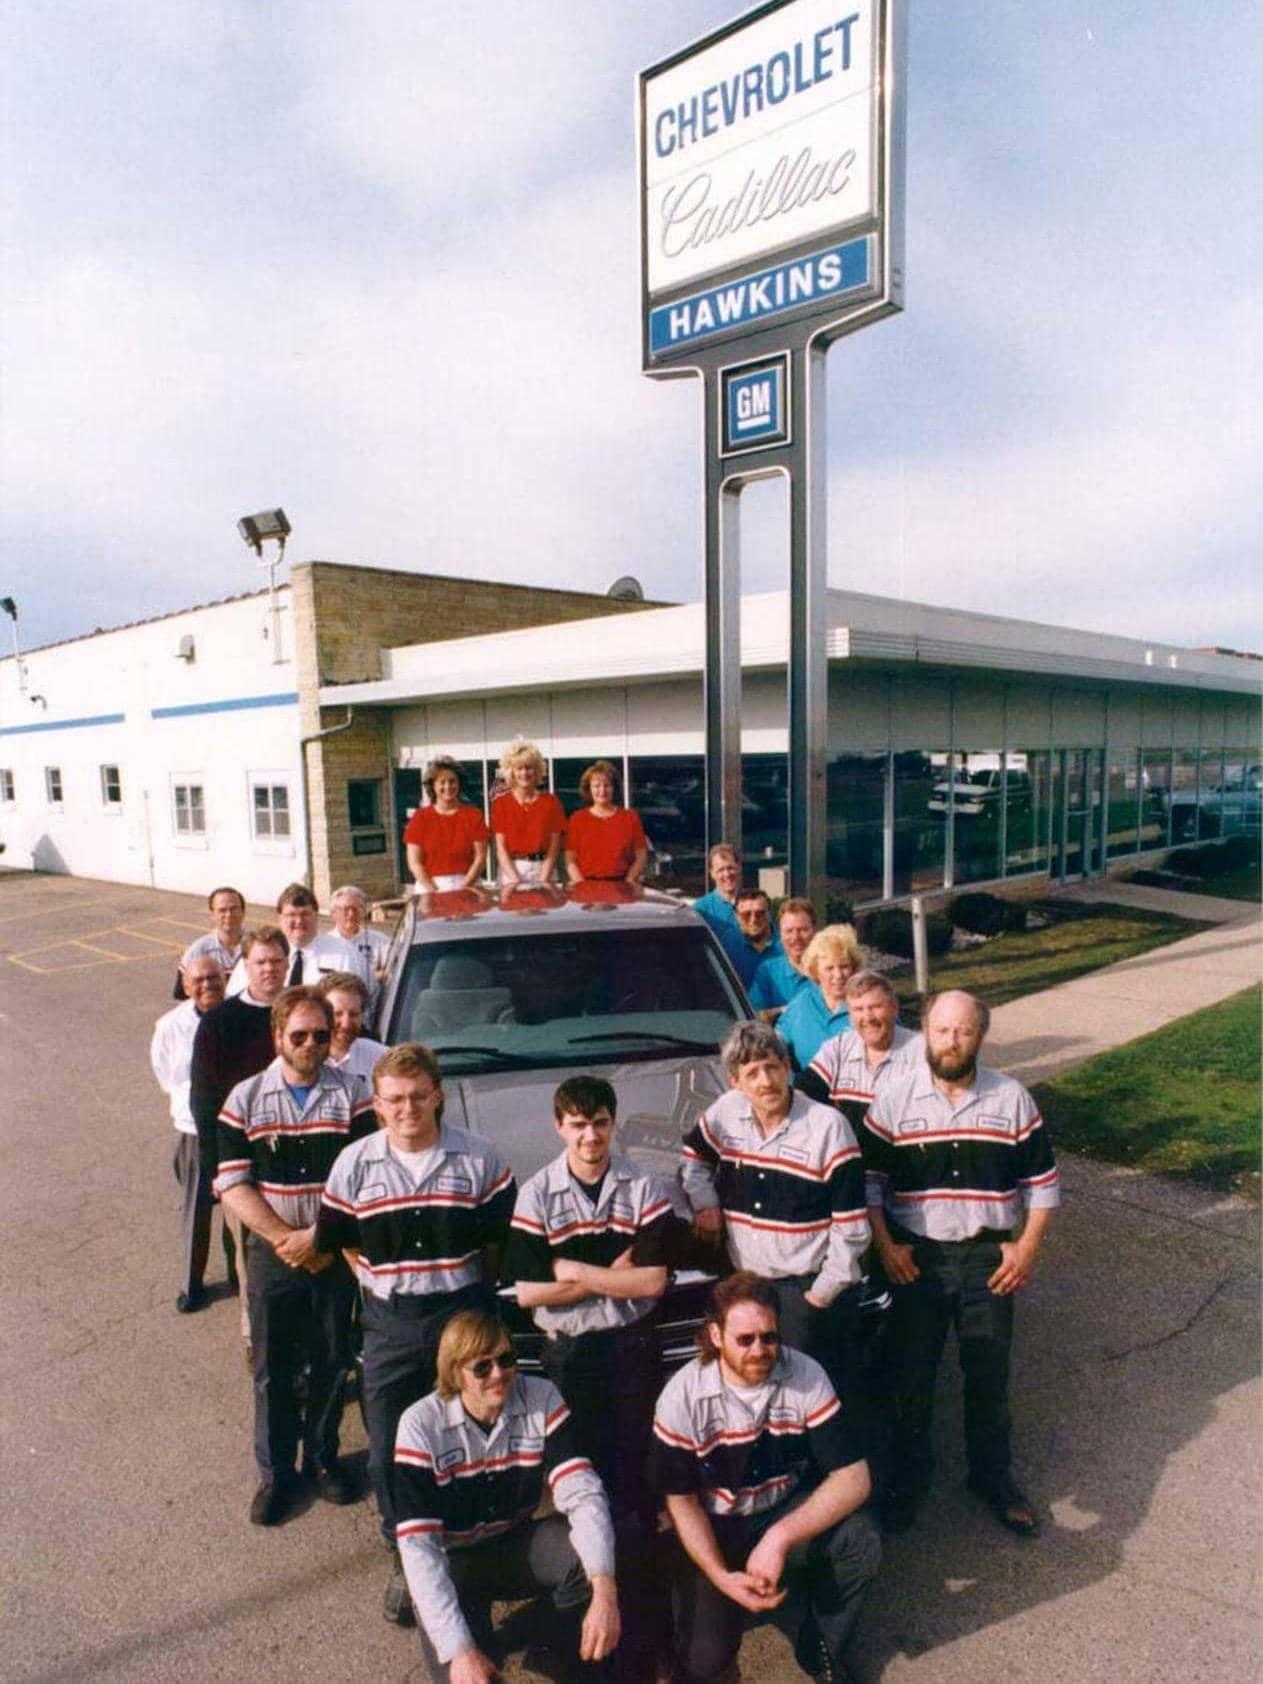 hawkins team